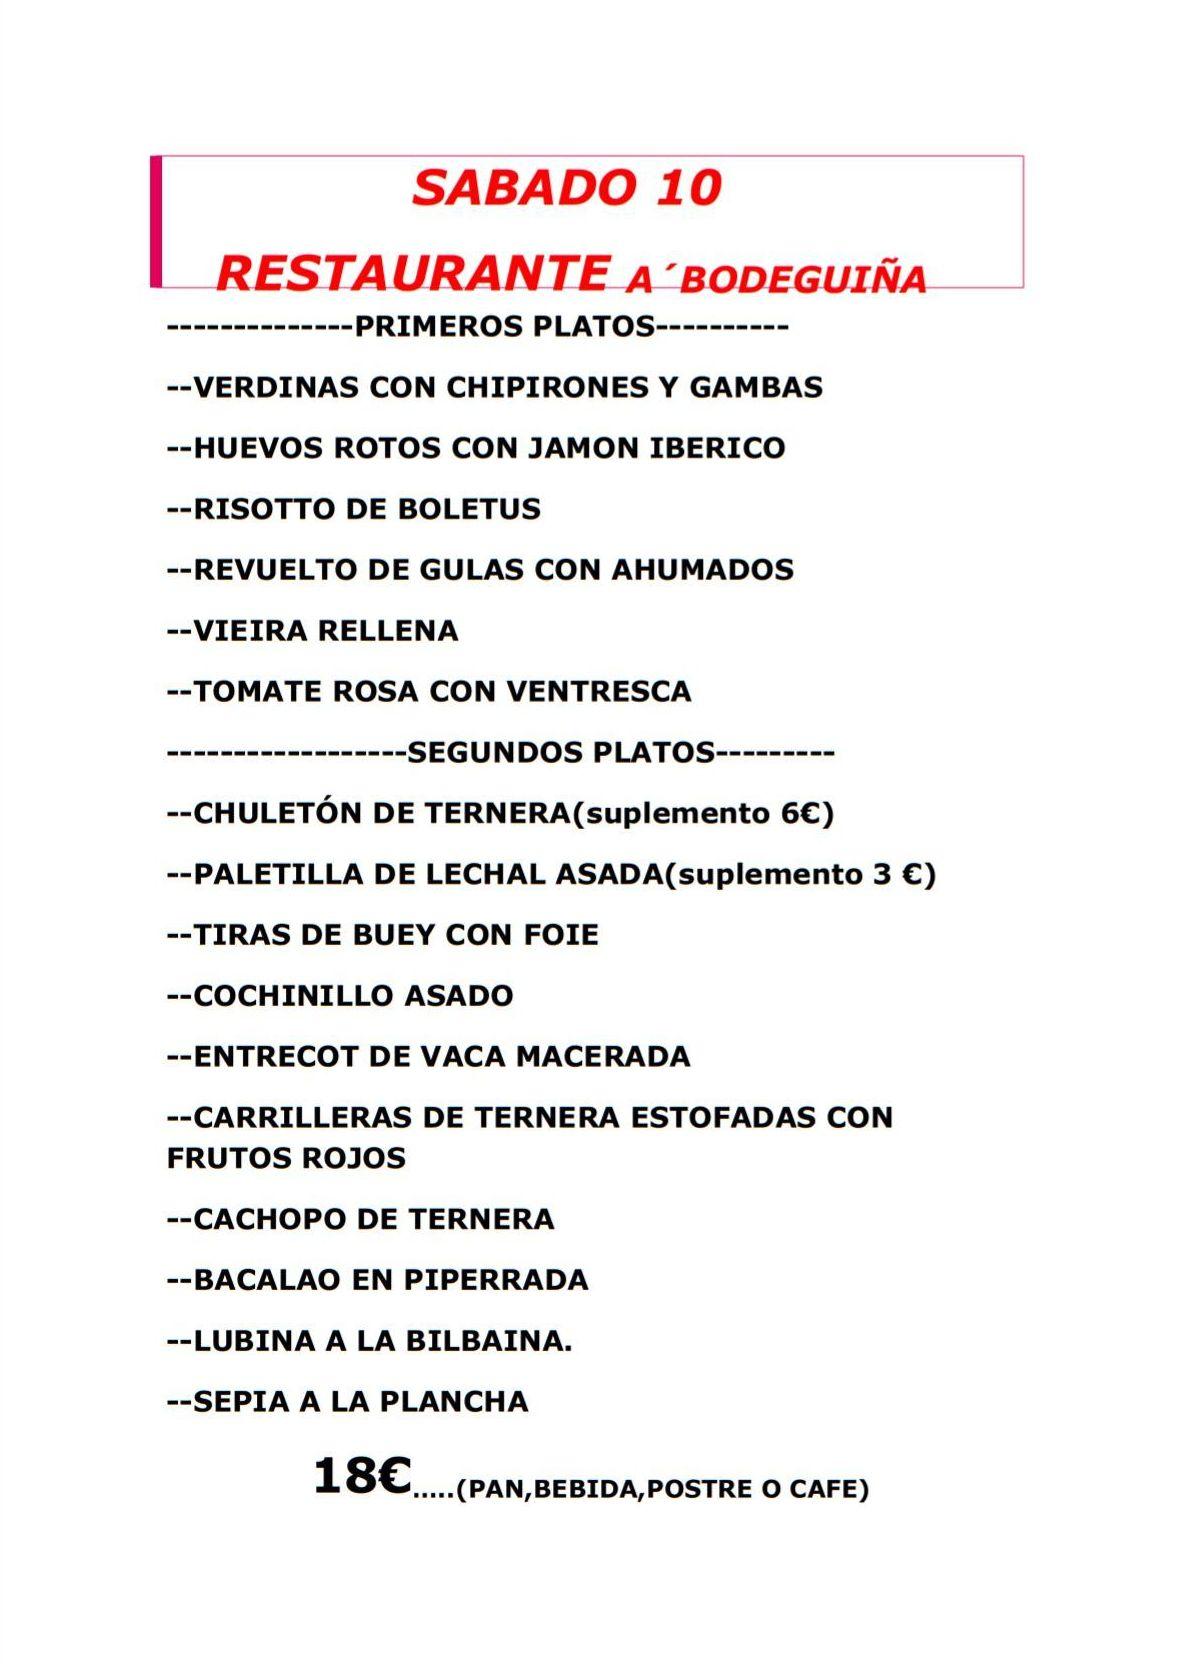 Menú especial para Graduaciones: Carta, menú y eventos de Restaurante A Bodeguiña II